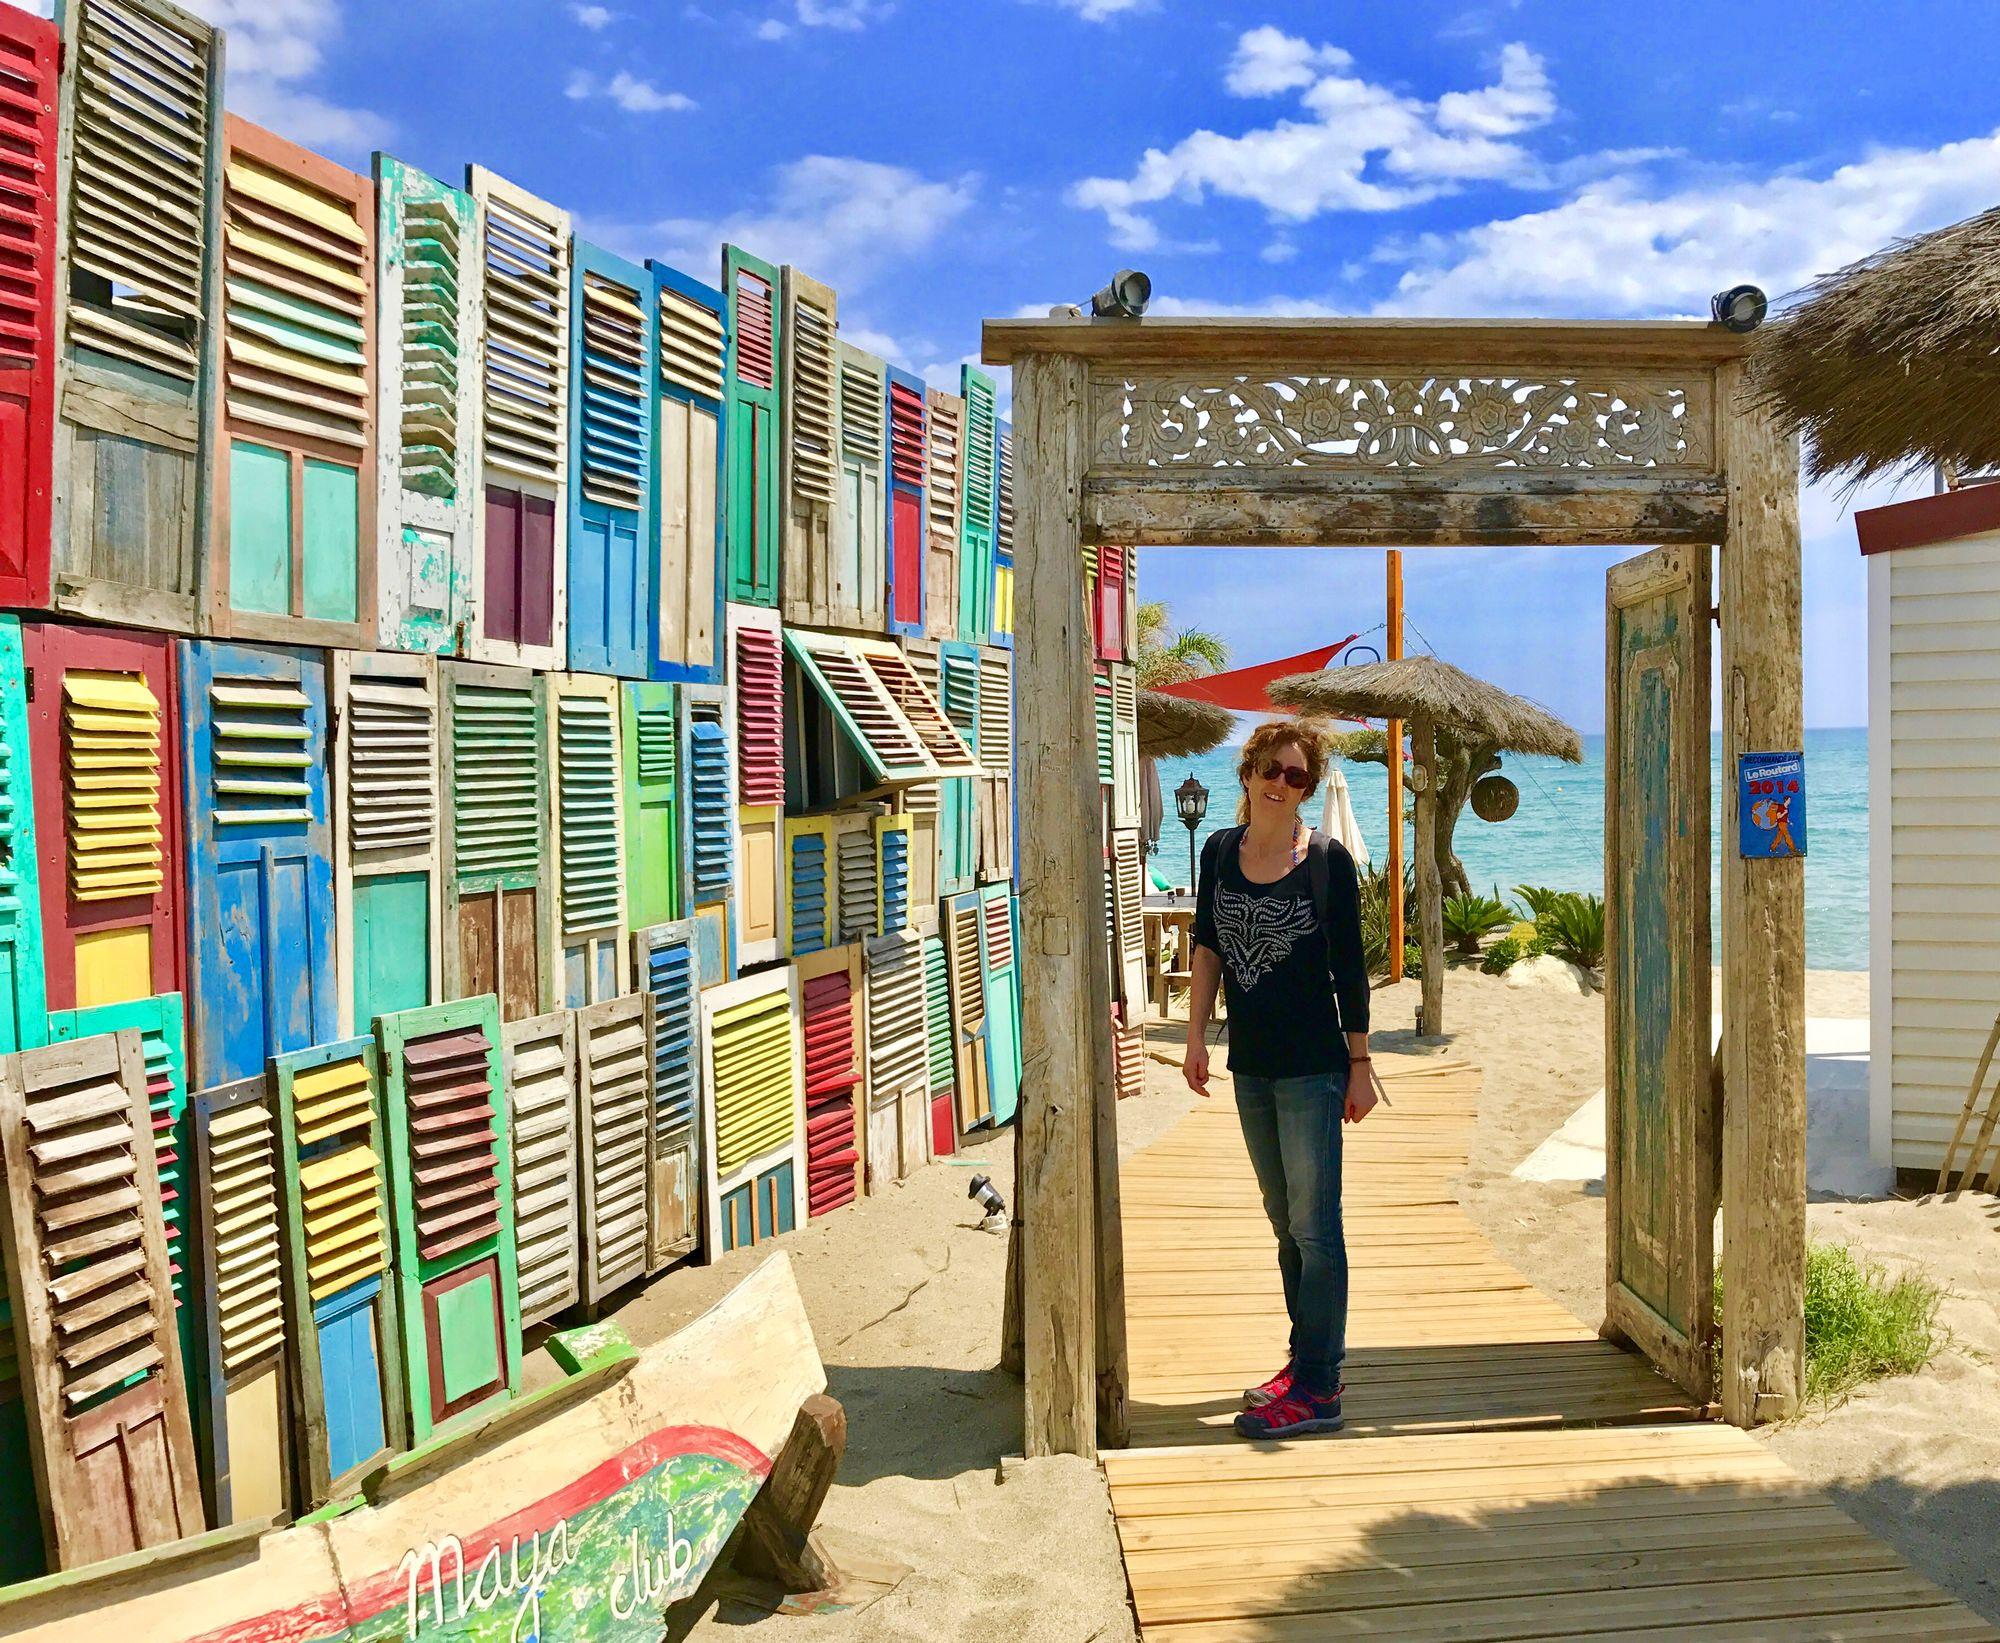 plage sauvage naturiste nature et nudiste plus belle plage meditterranee proche de perpignan Maya club restaurant bon rapport qualité prix